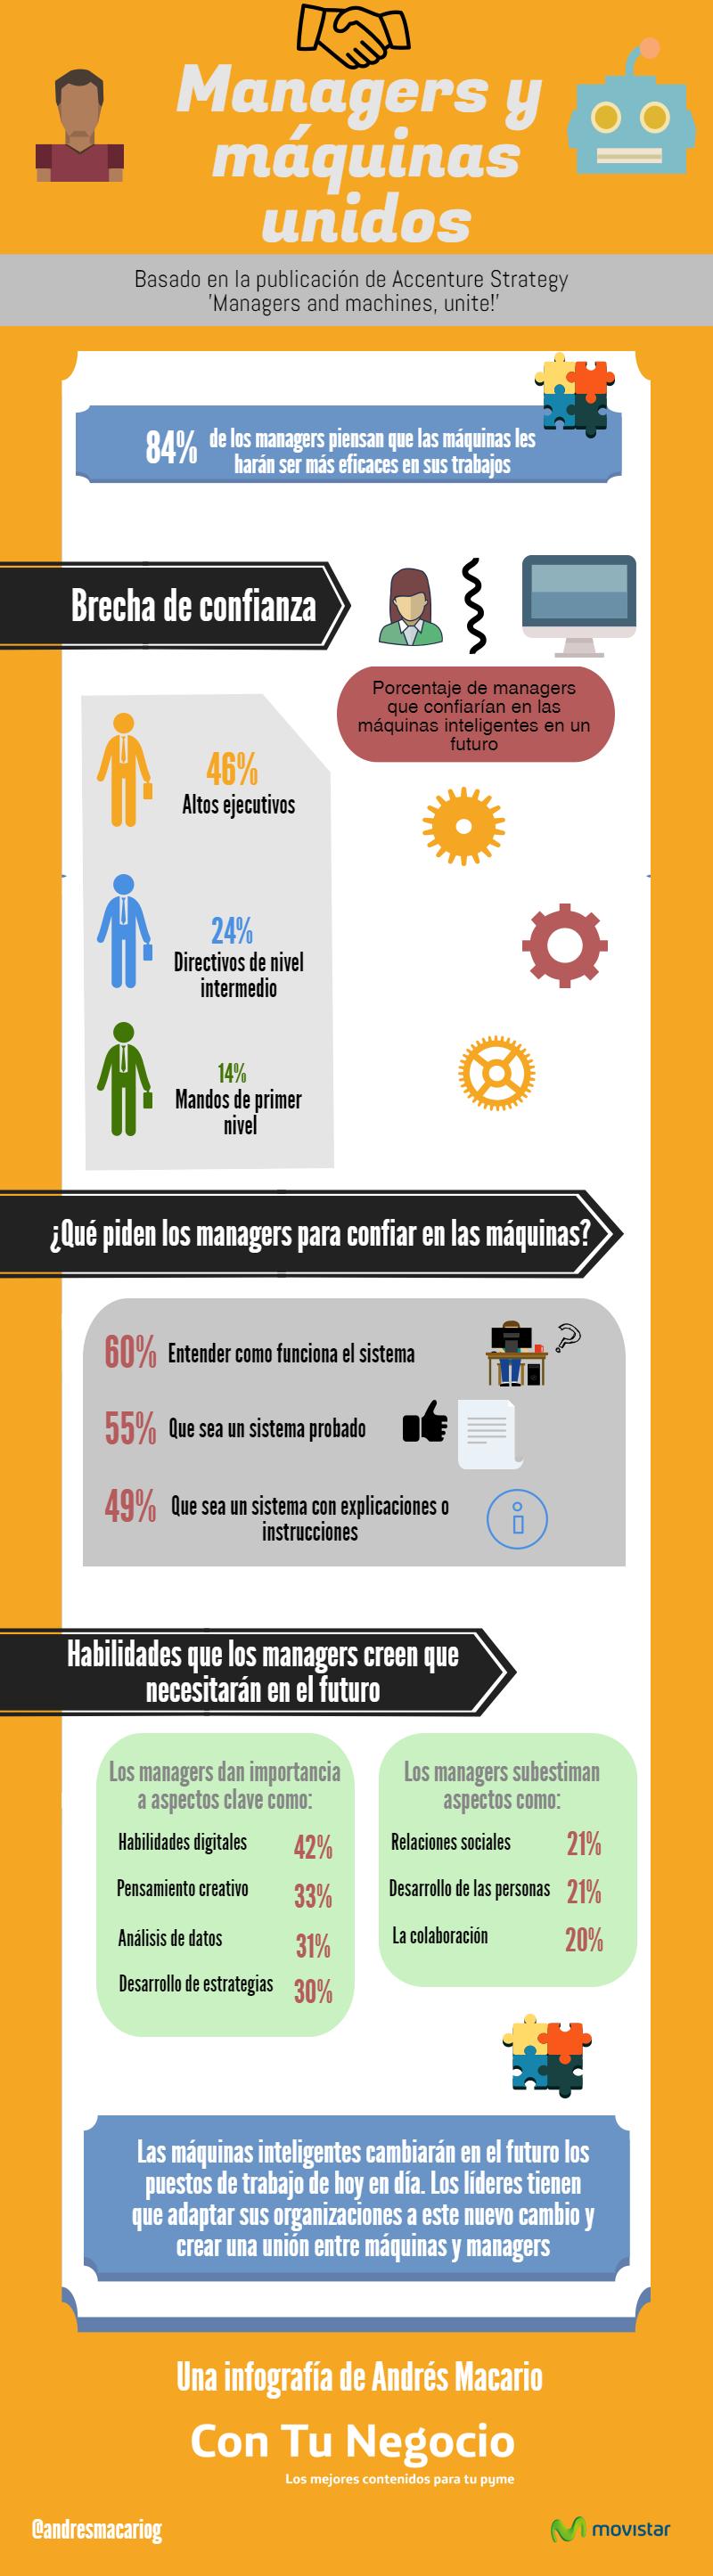 Managers y máquinas unidos - infografía Andrés Macario